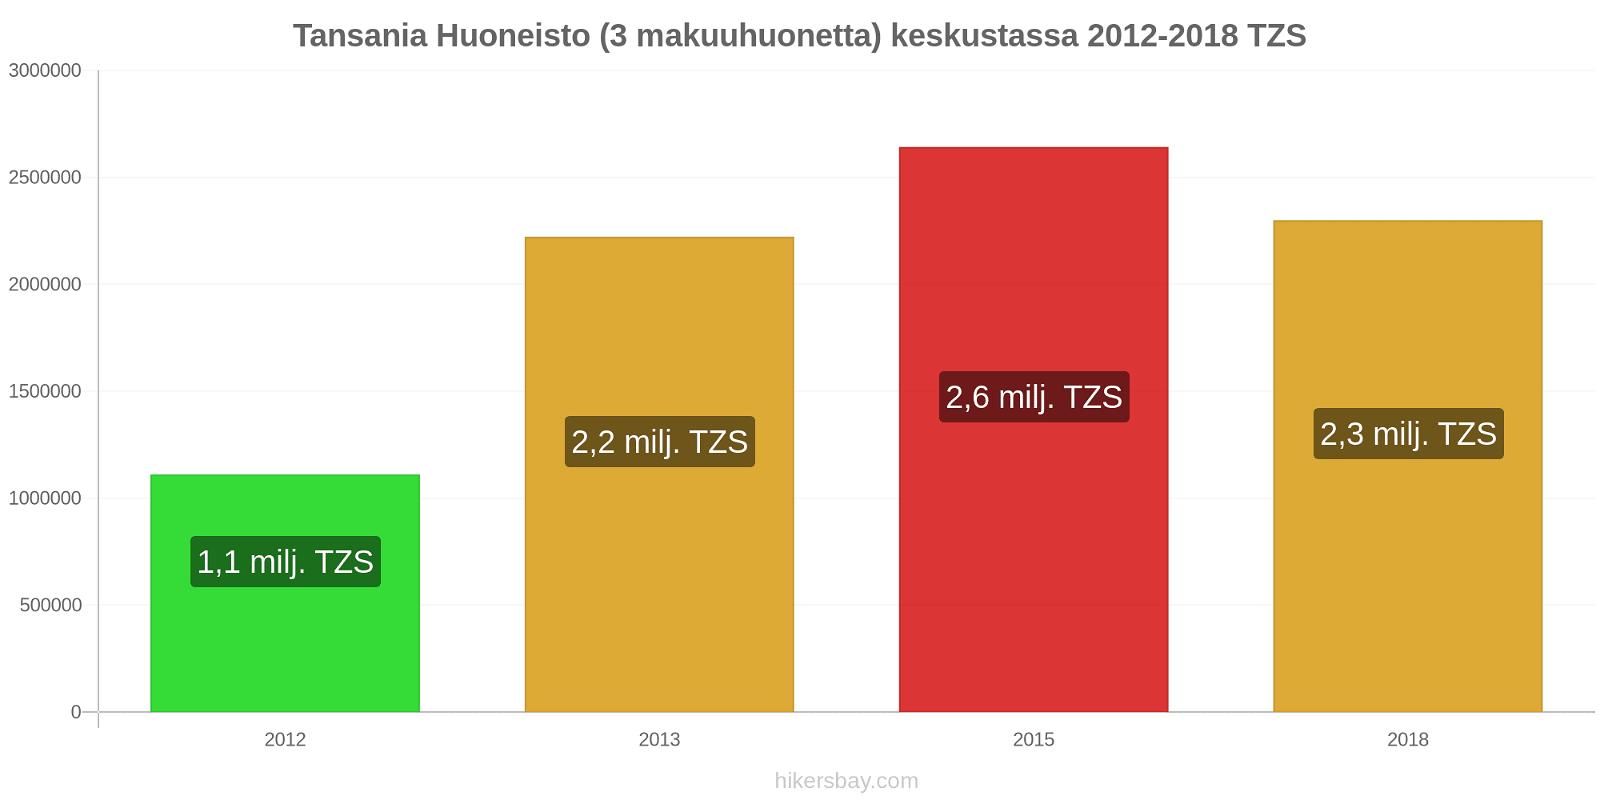 Tansania hintojen muutokset Huoneisto (3 makuuhuonetta) keskustassa hikersbay.com